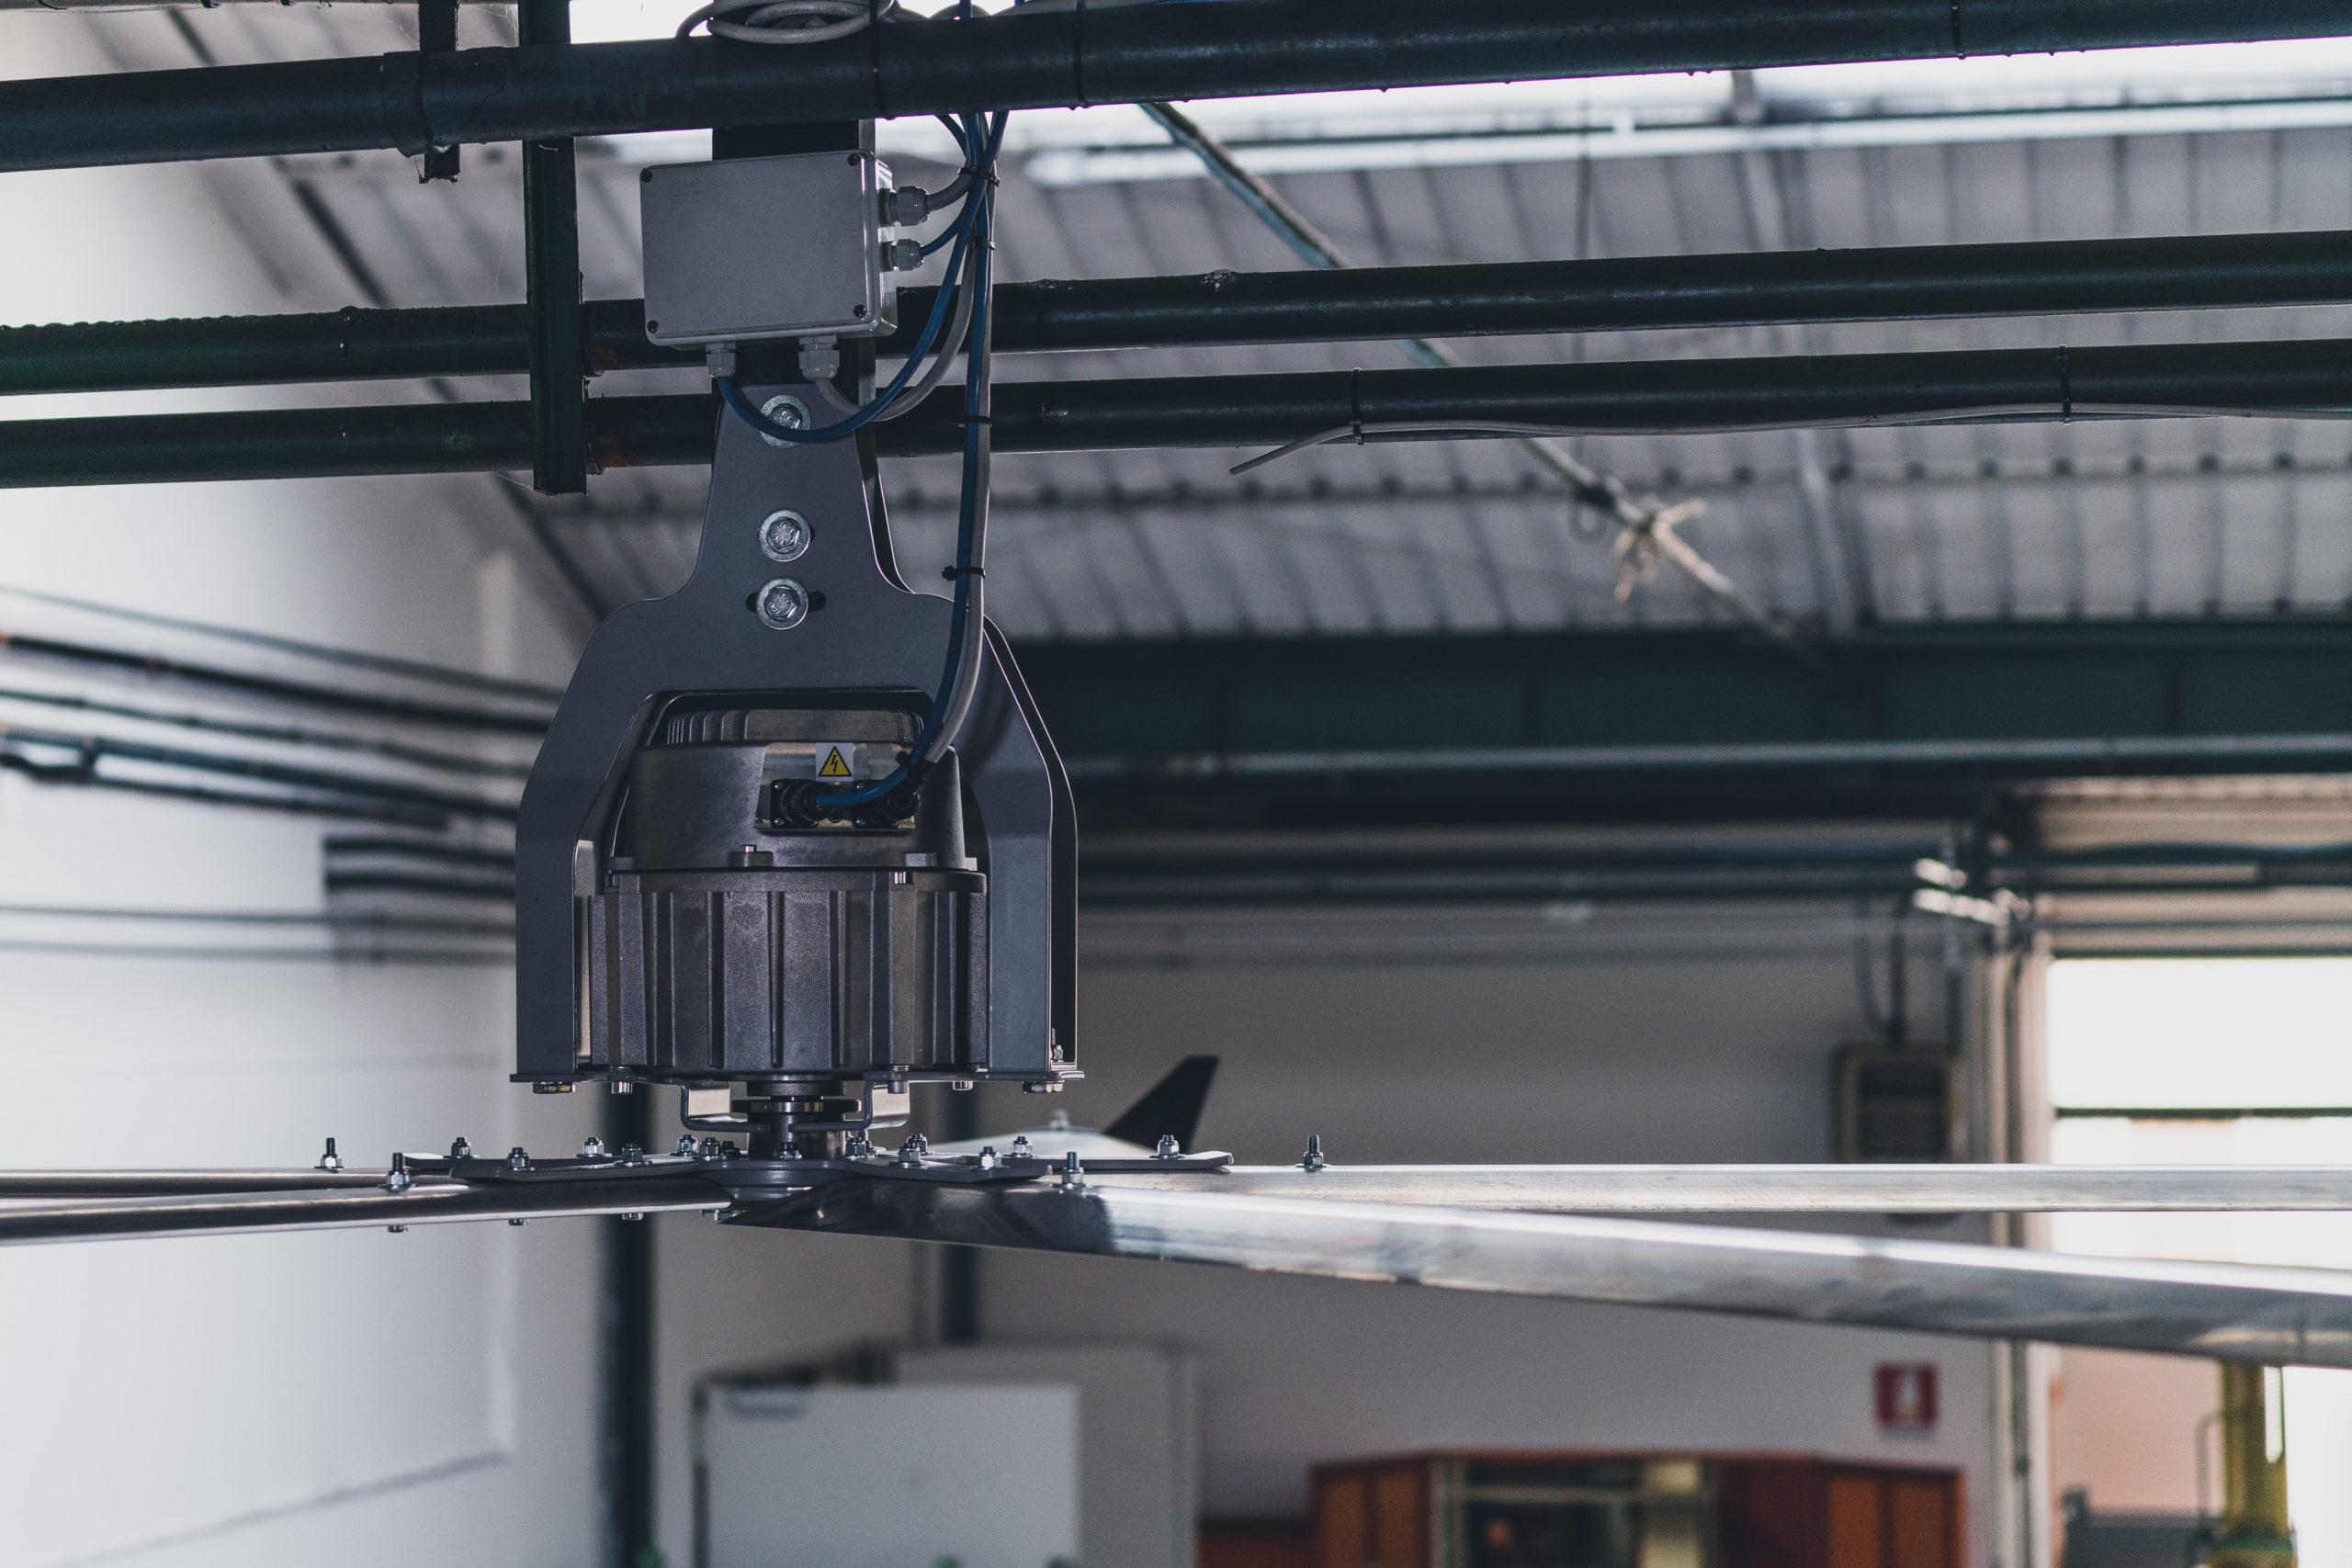 Optimvent® - Los mejores Ventiladores Industriales HVLS de techo - Ventiladores HVLS Optimvent - ventilator industrial hvls scaled - Optimvent® - Los mejores Ventiladores Industriales HVLS de techo